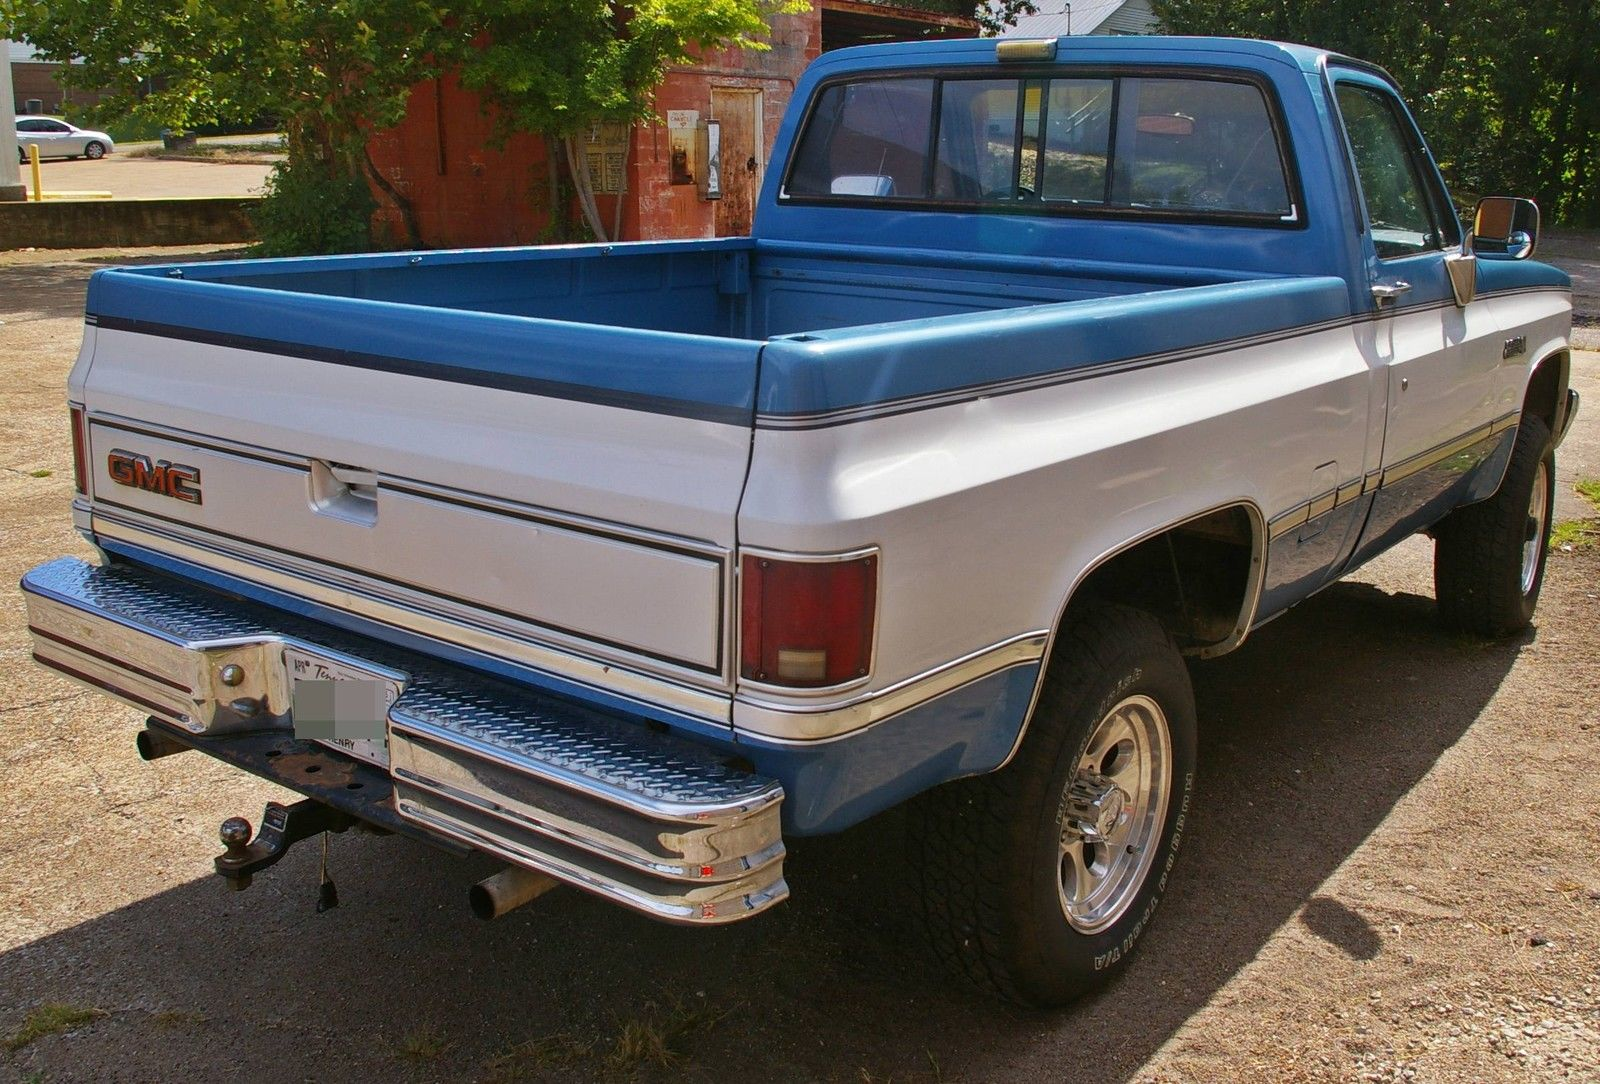 4x4 Gmc Sierra K1500 1986 Like Chevrolet Chevy Silverado